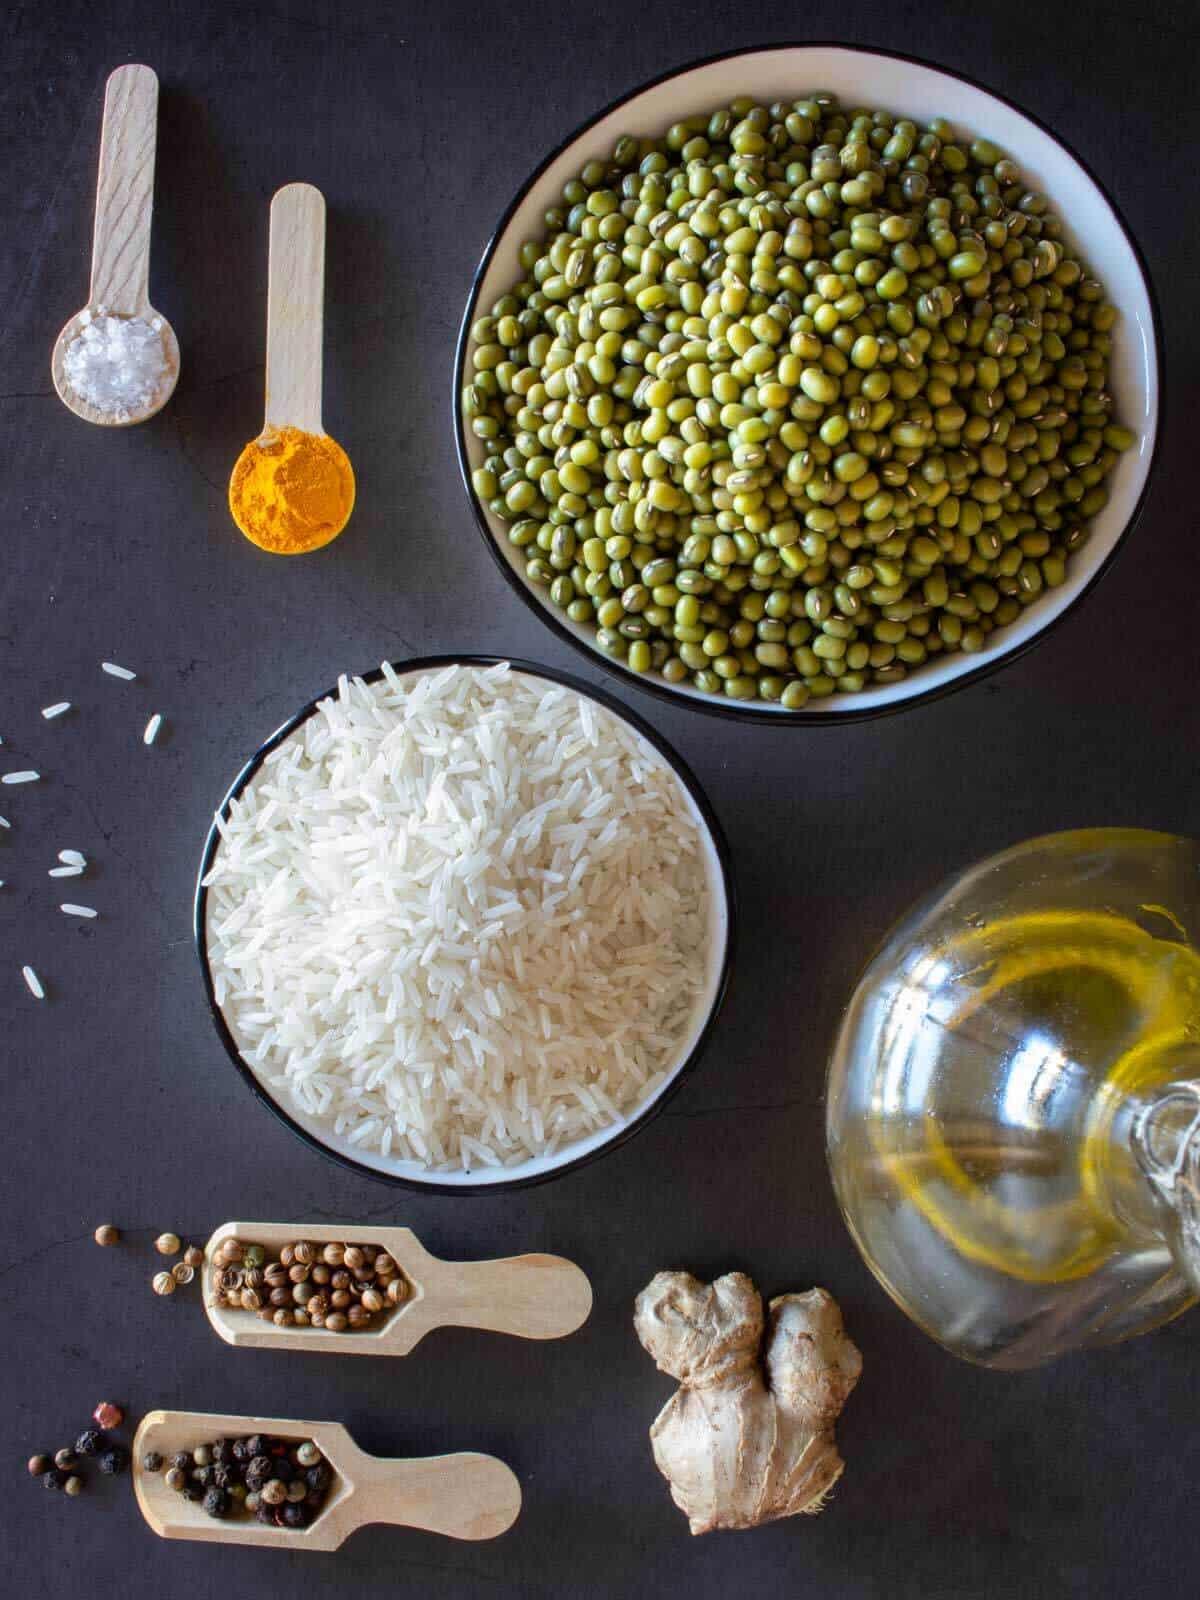 kitchari recipe ingredients